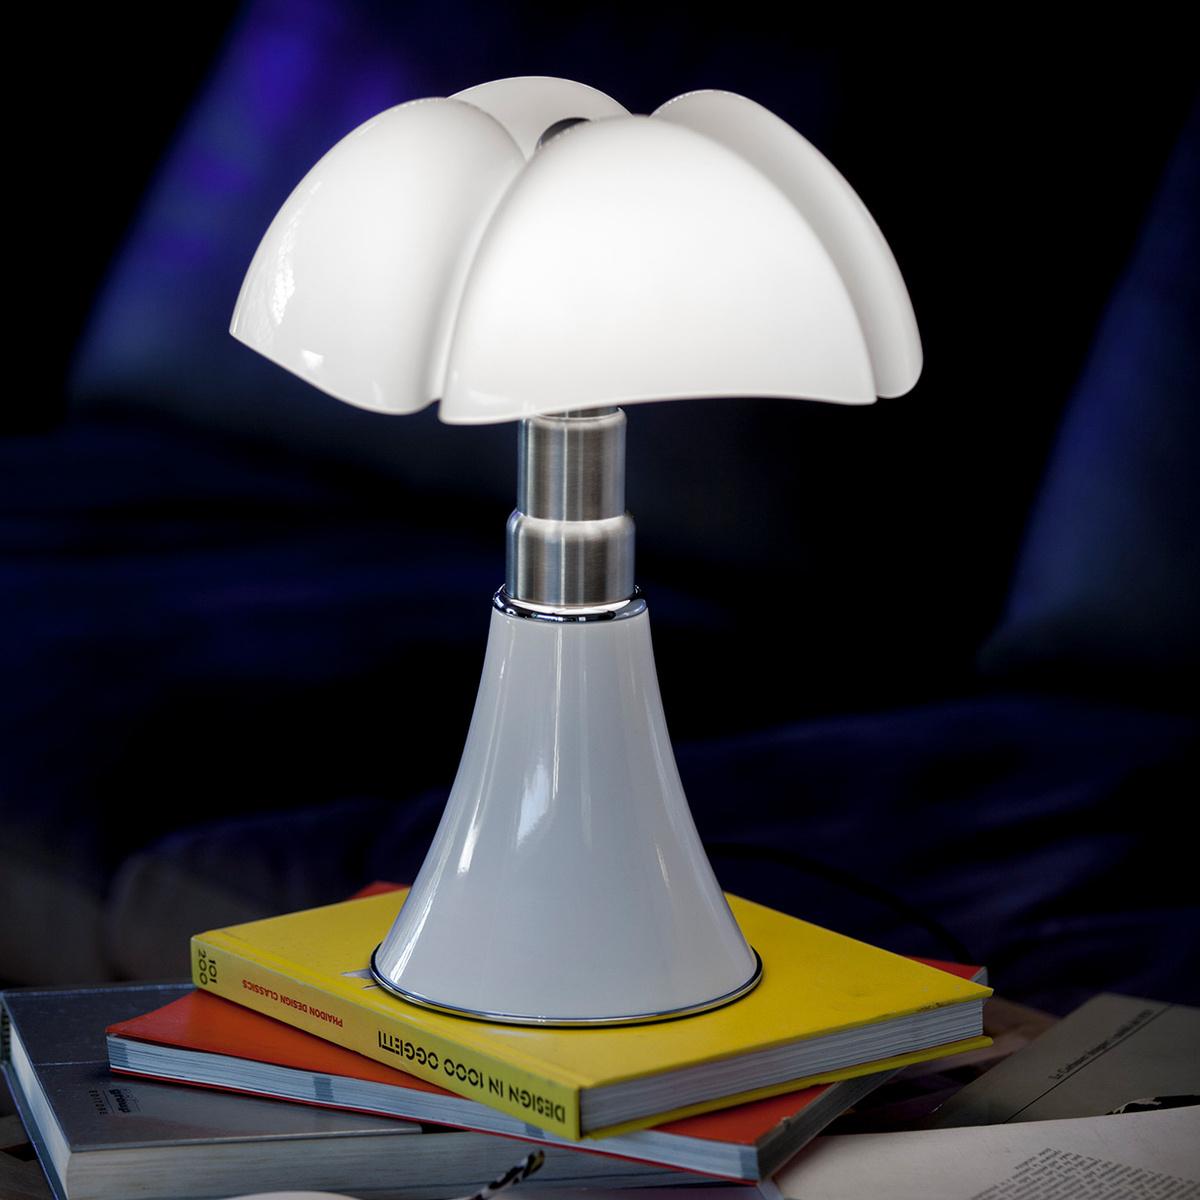 Lampada da tavolo pipistrello mini con led integrato by - Lampada da tavolo pipistrello ...